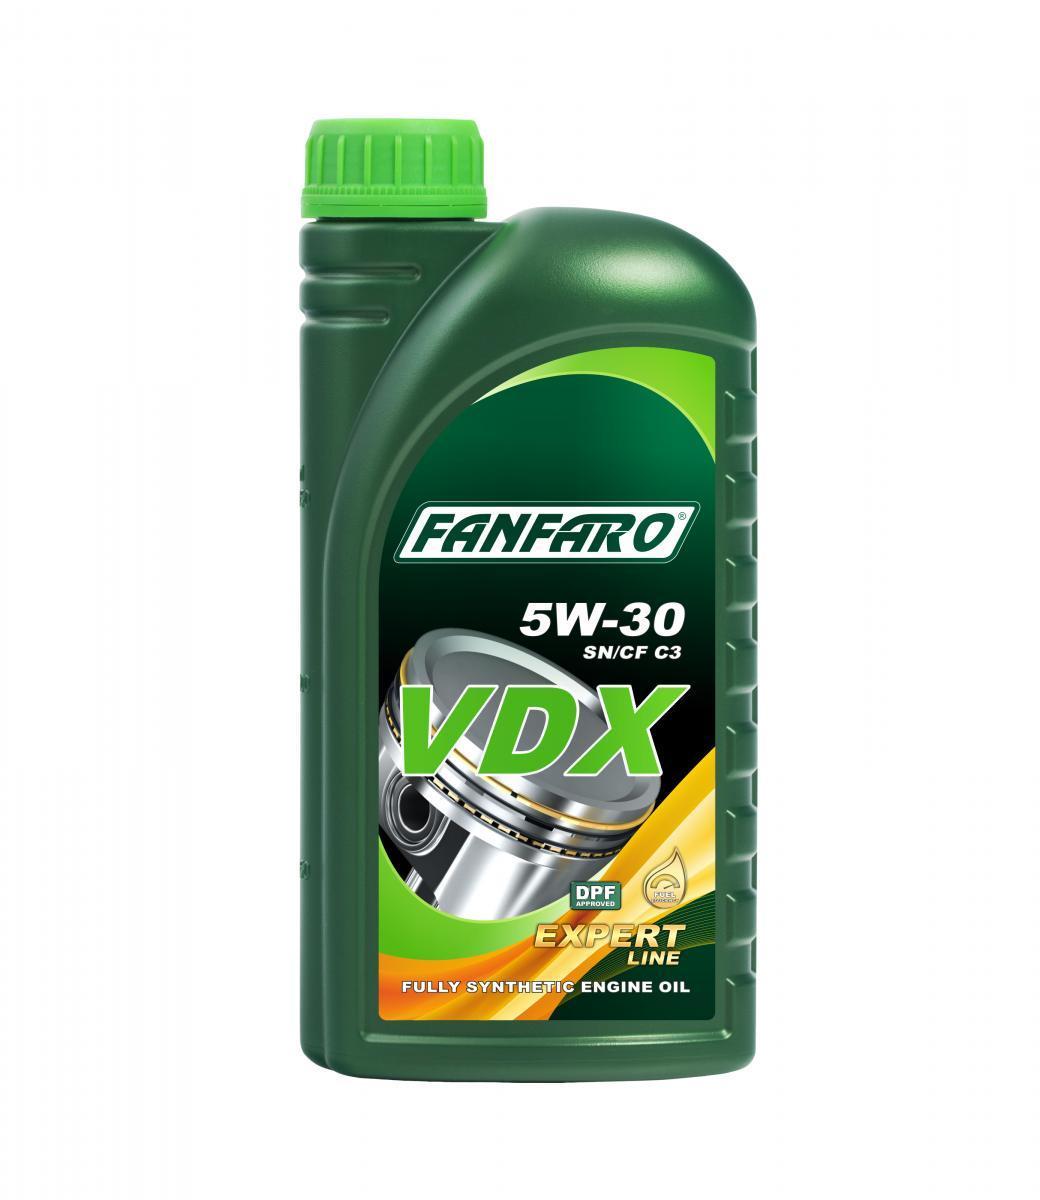 FF6707-1 FANFARO Motoröl Bewertung